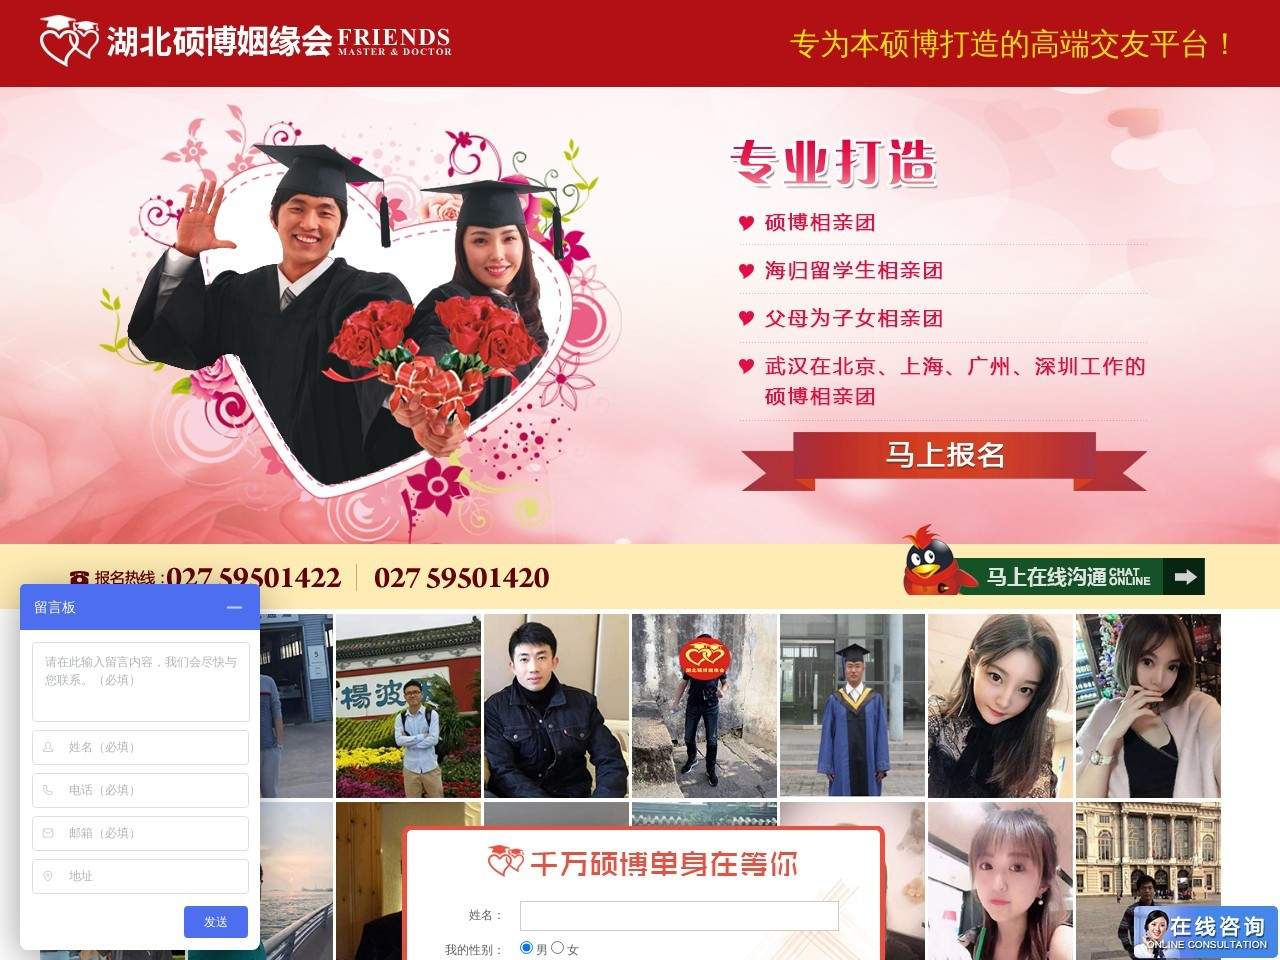 湖北硕博姻缘会(www.sblove.cn)